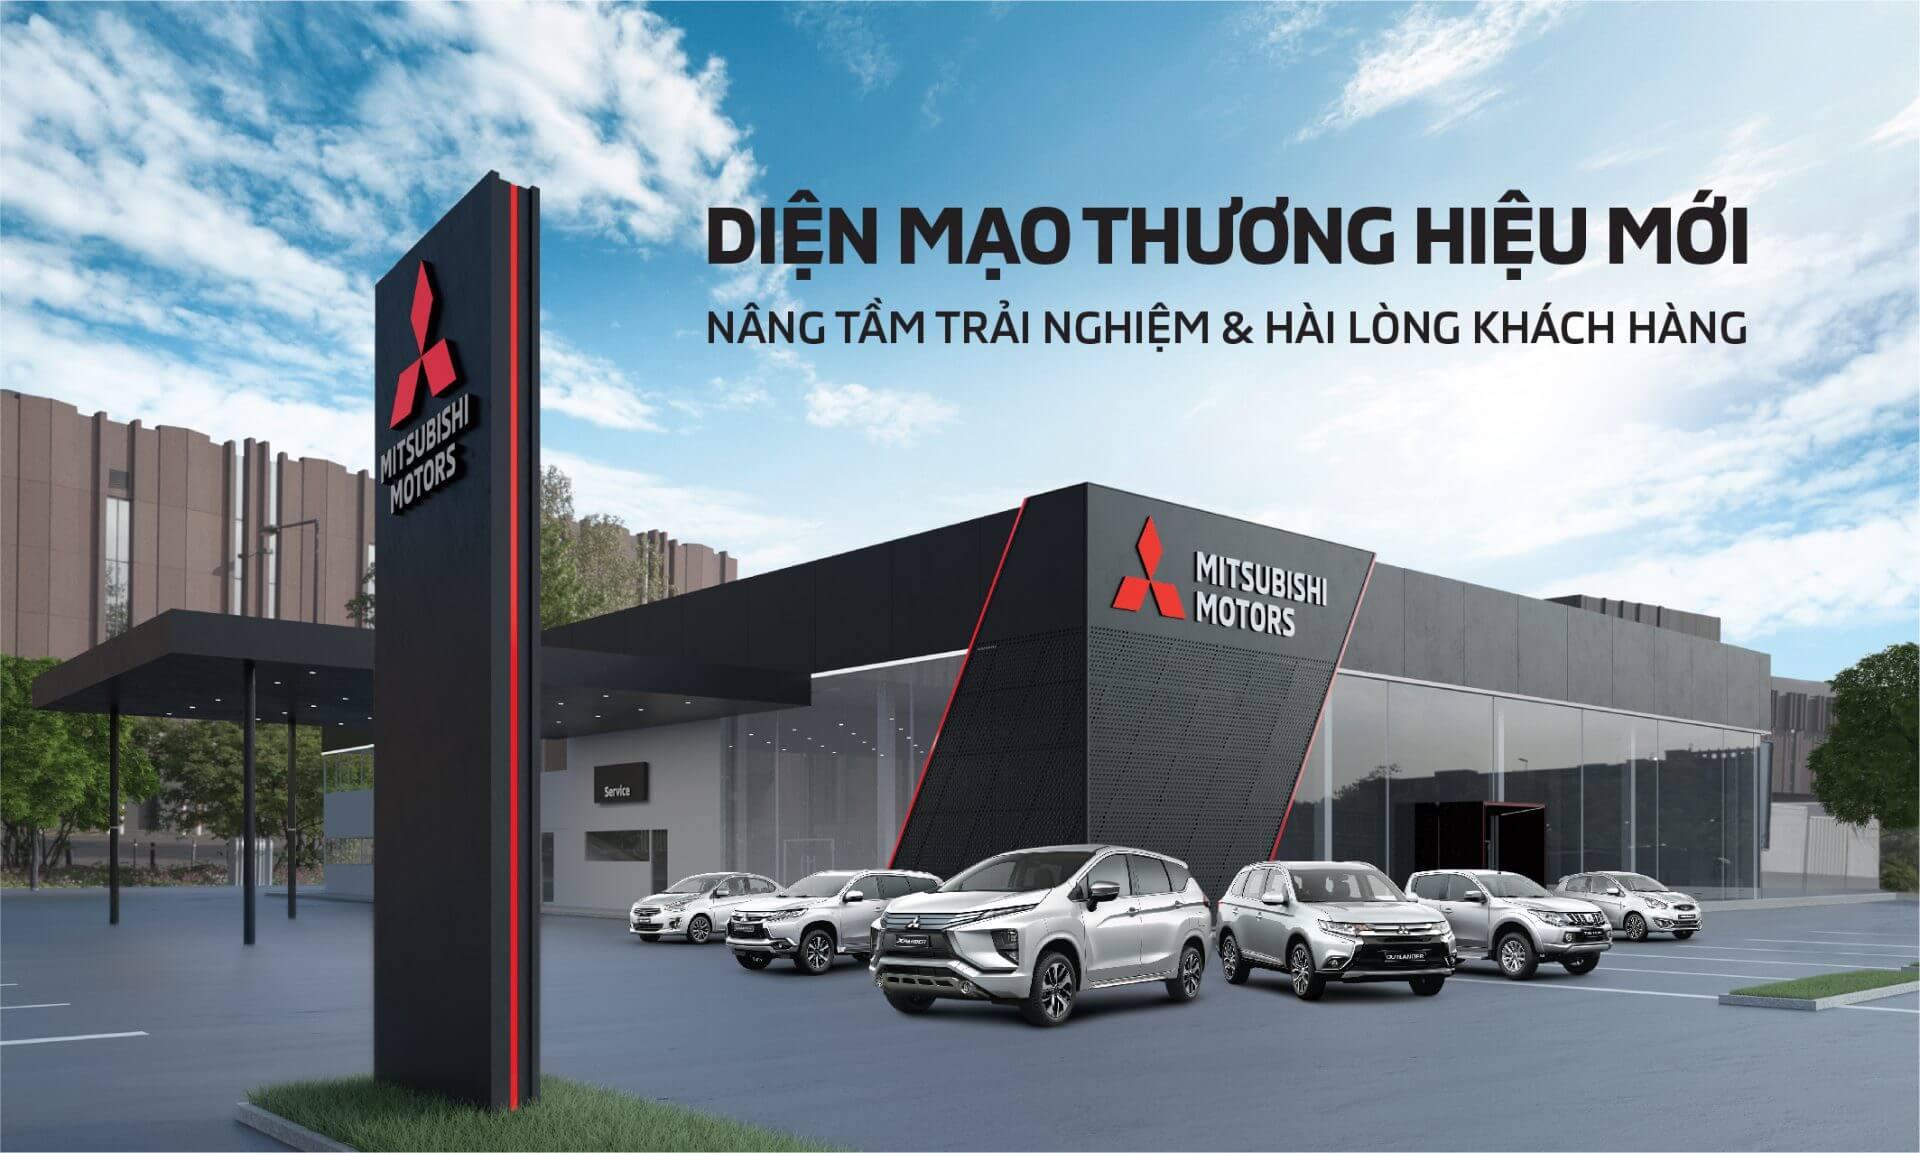 """[VMS2018] Mitsubishi Motors Việt Nam đưa đến thông điệp """"Drive your Ambition – Dẫn lối khát vọng"""", sẵn sàng tiếp bước hành trình mới"""